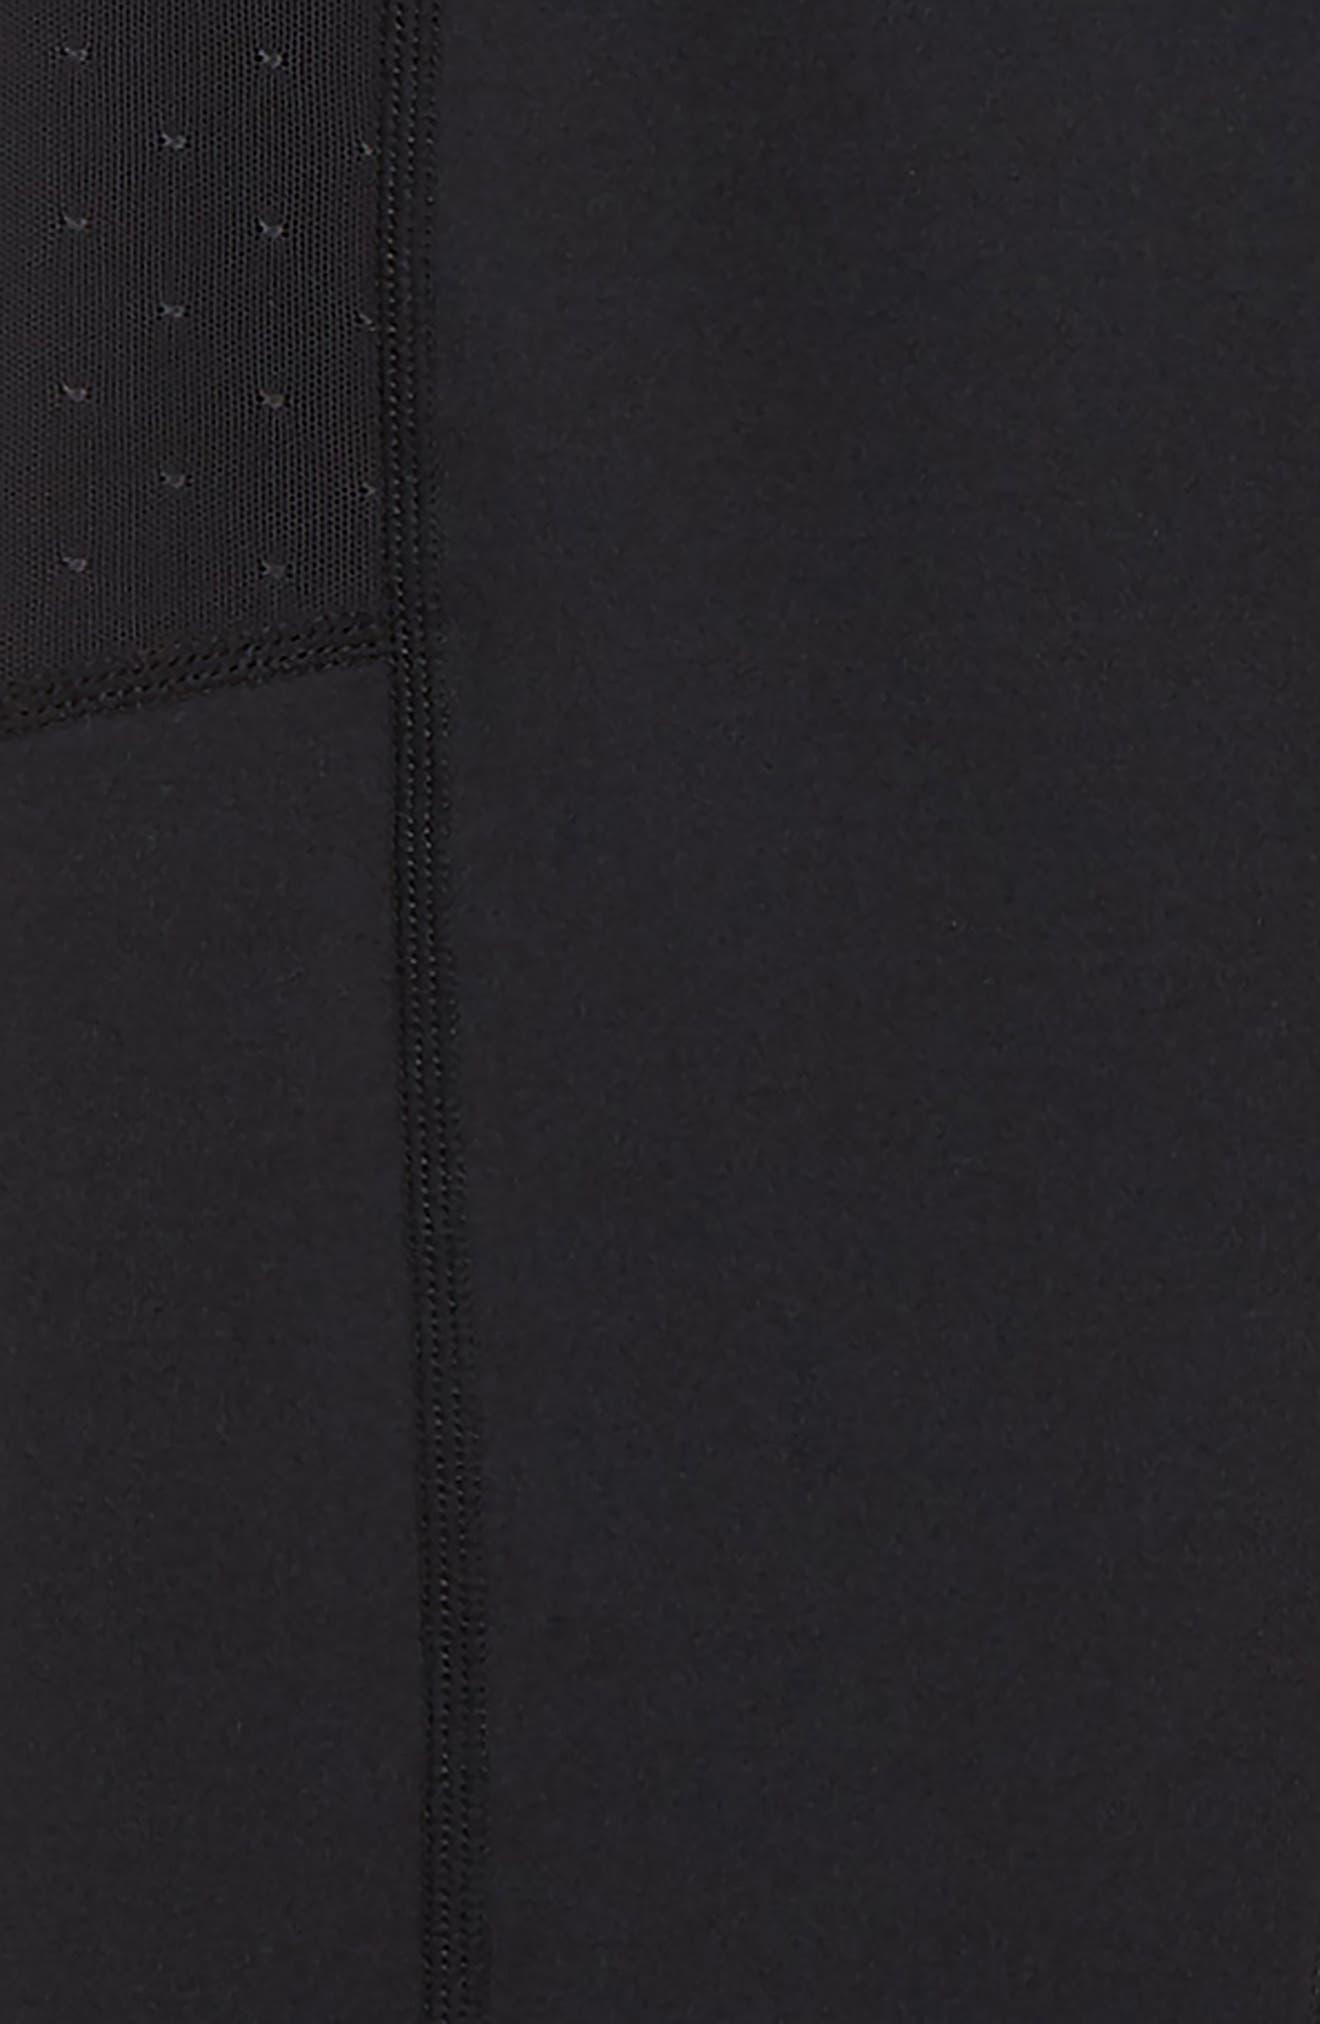 High Waist Mesh Pocket Leggings,                             Alternate thumbnail 2, color,                             BLACK